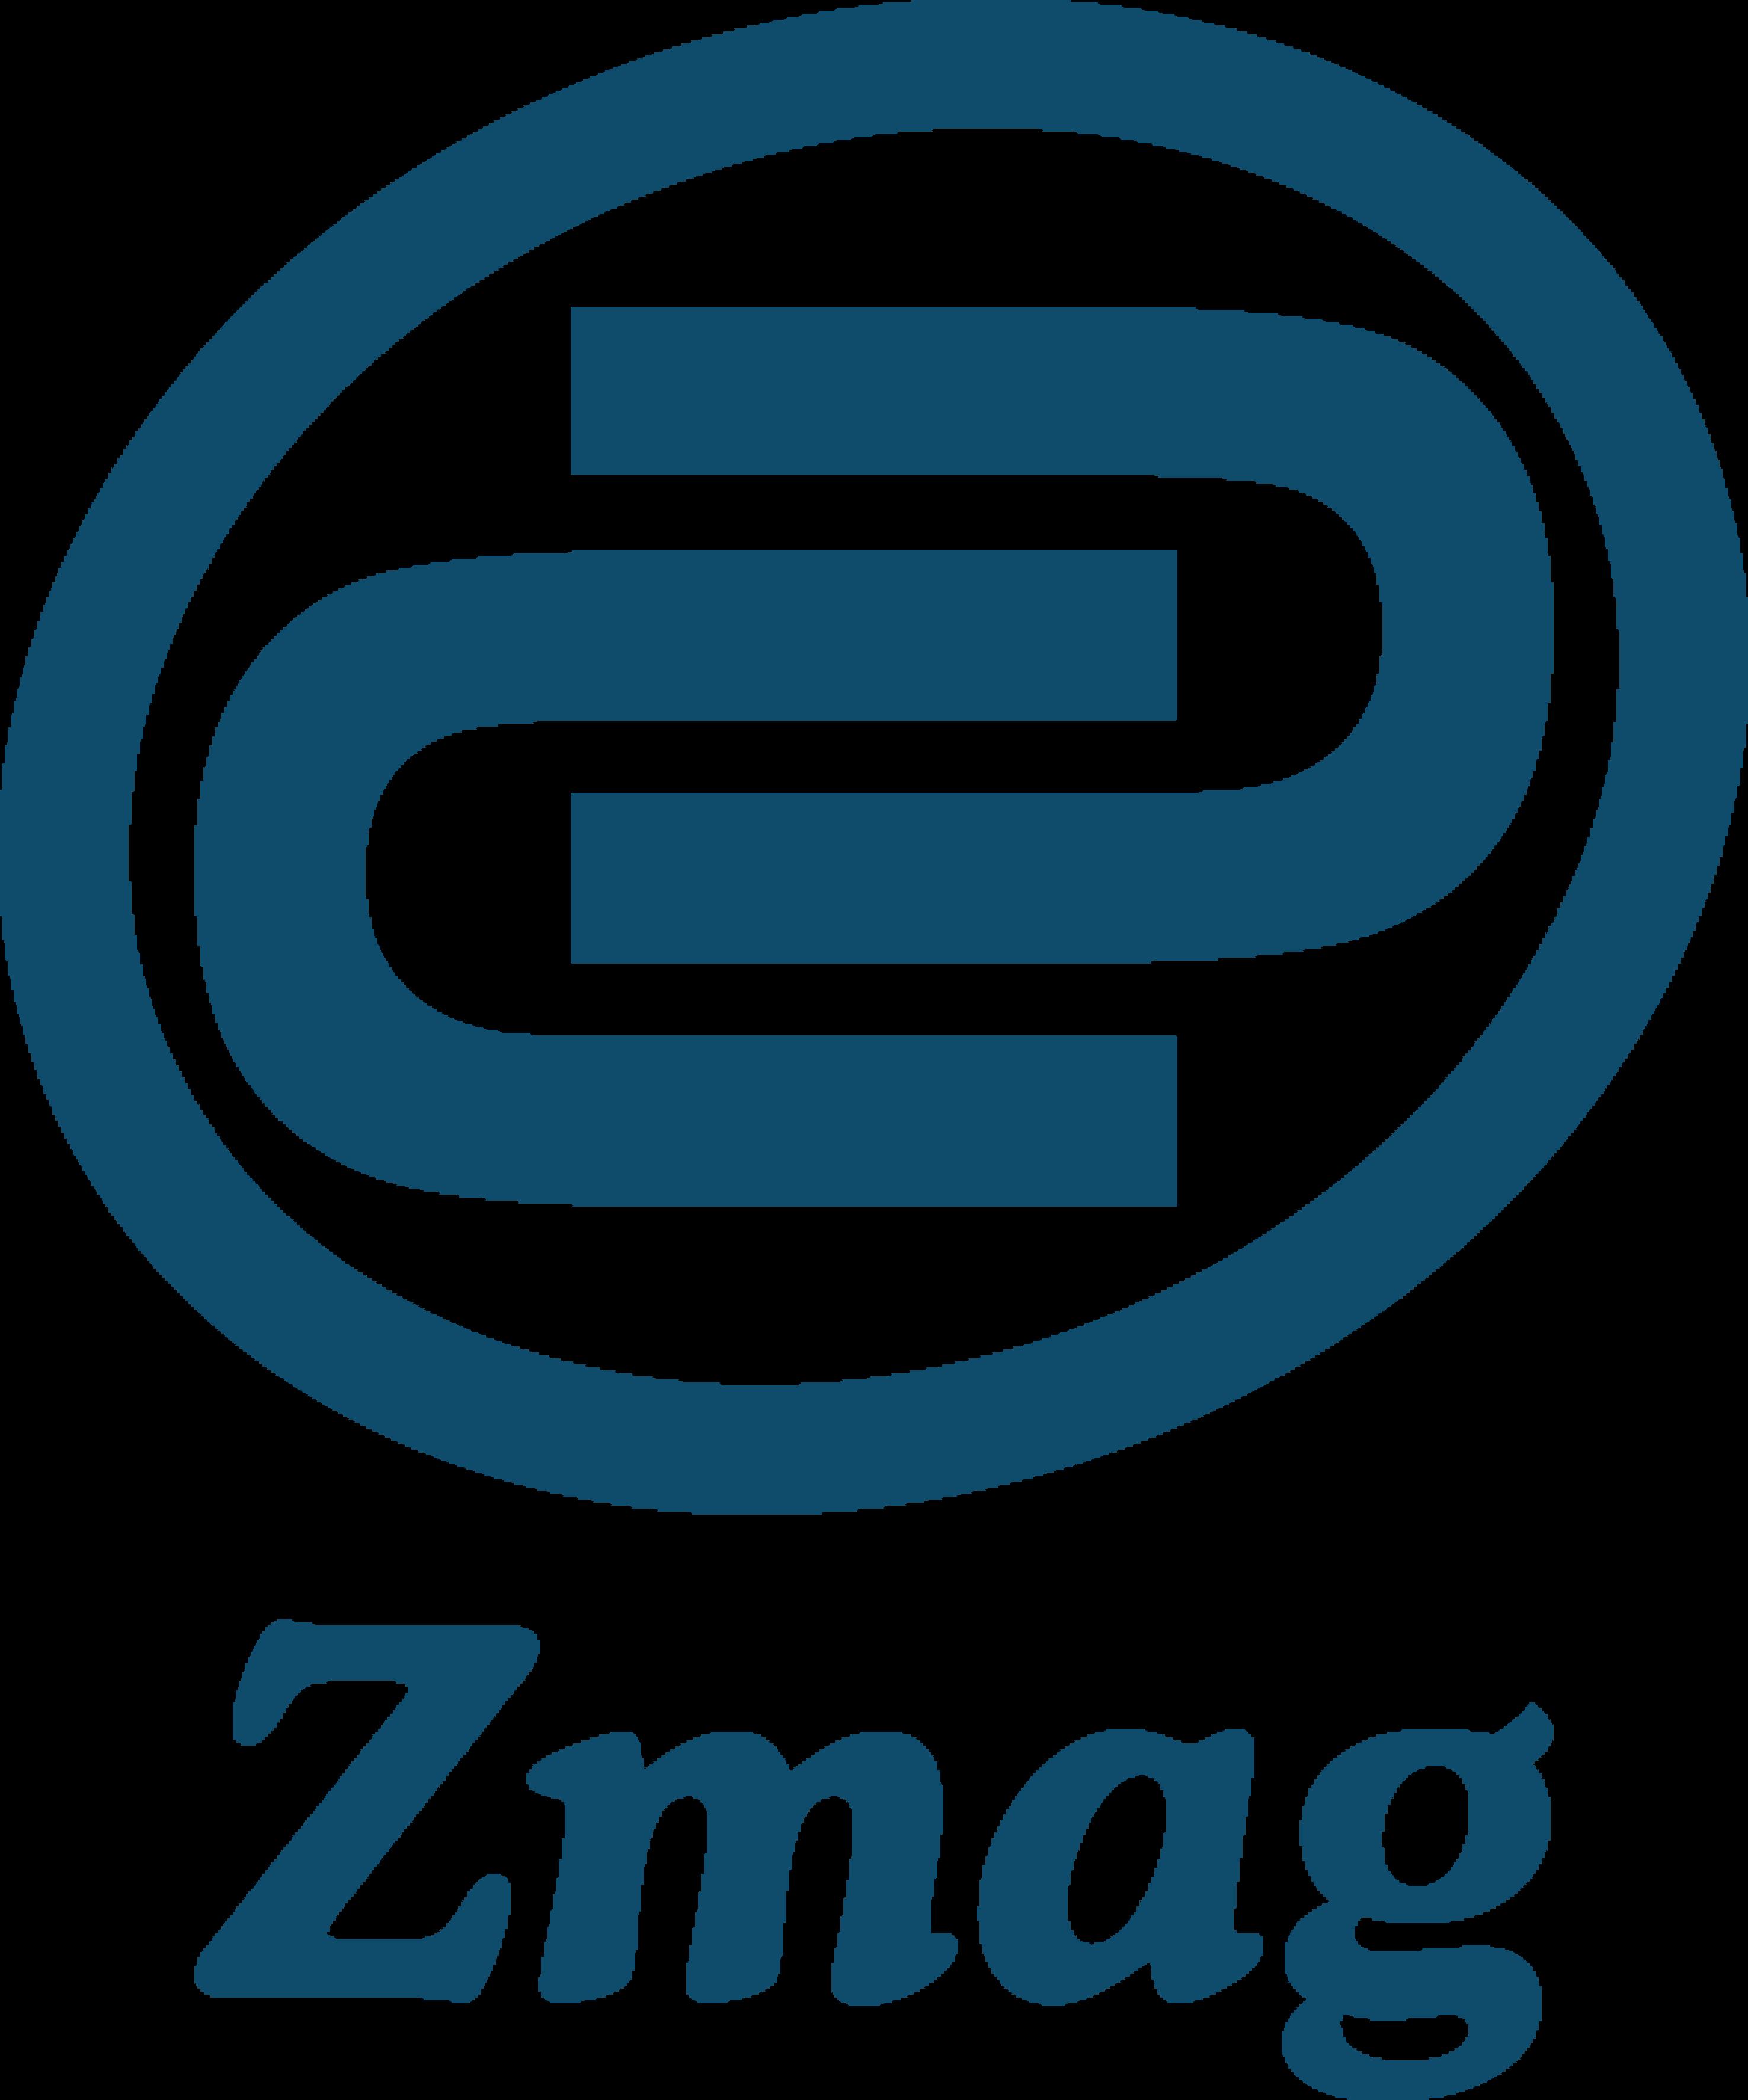 Zmag logo